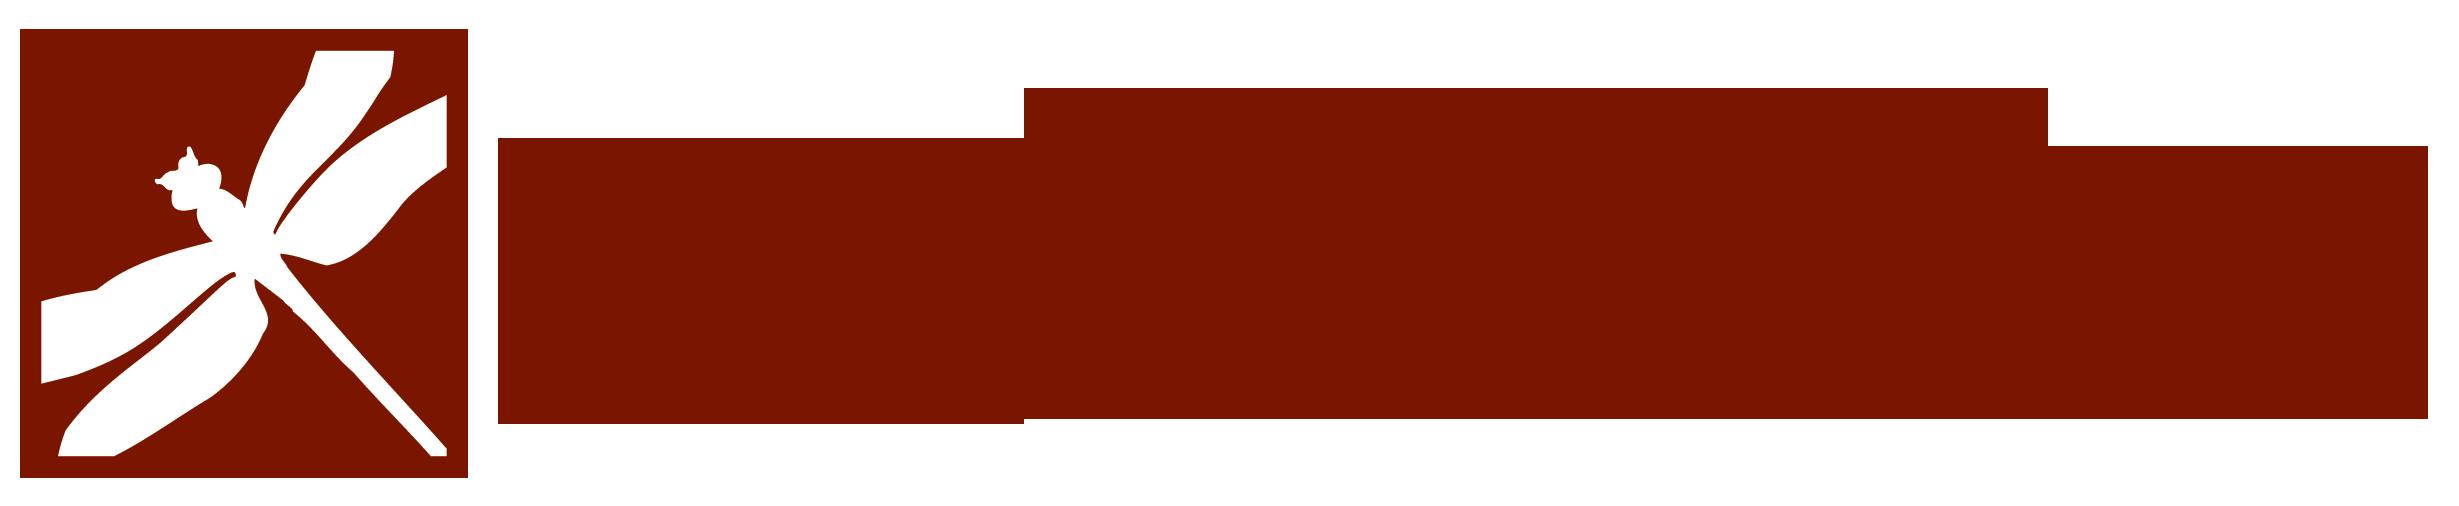 simbithinet